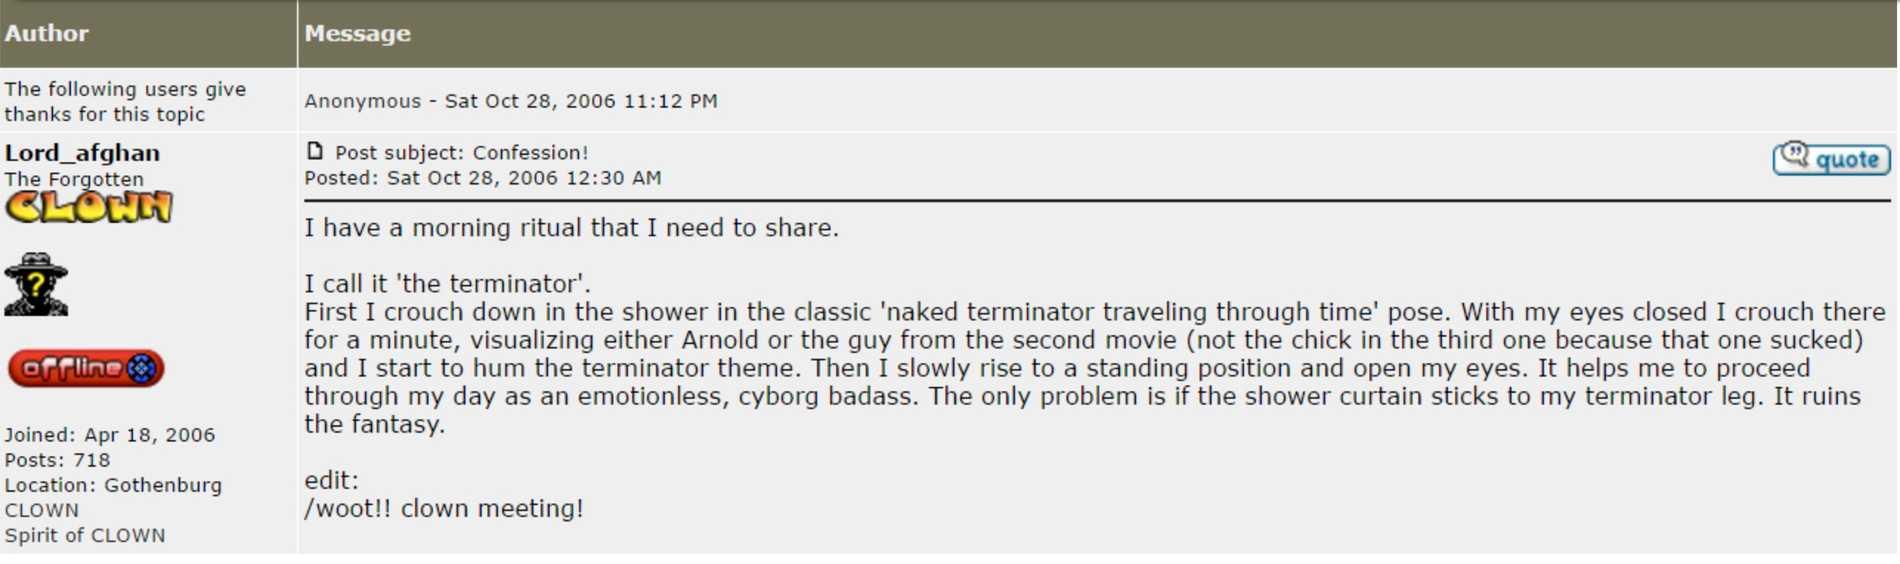 Inlägg på spelsajten Clownguild där Fogelklou beskriver en morgonrutin som en scen ur filmen Terminator.